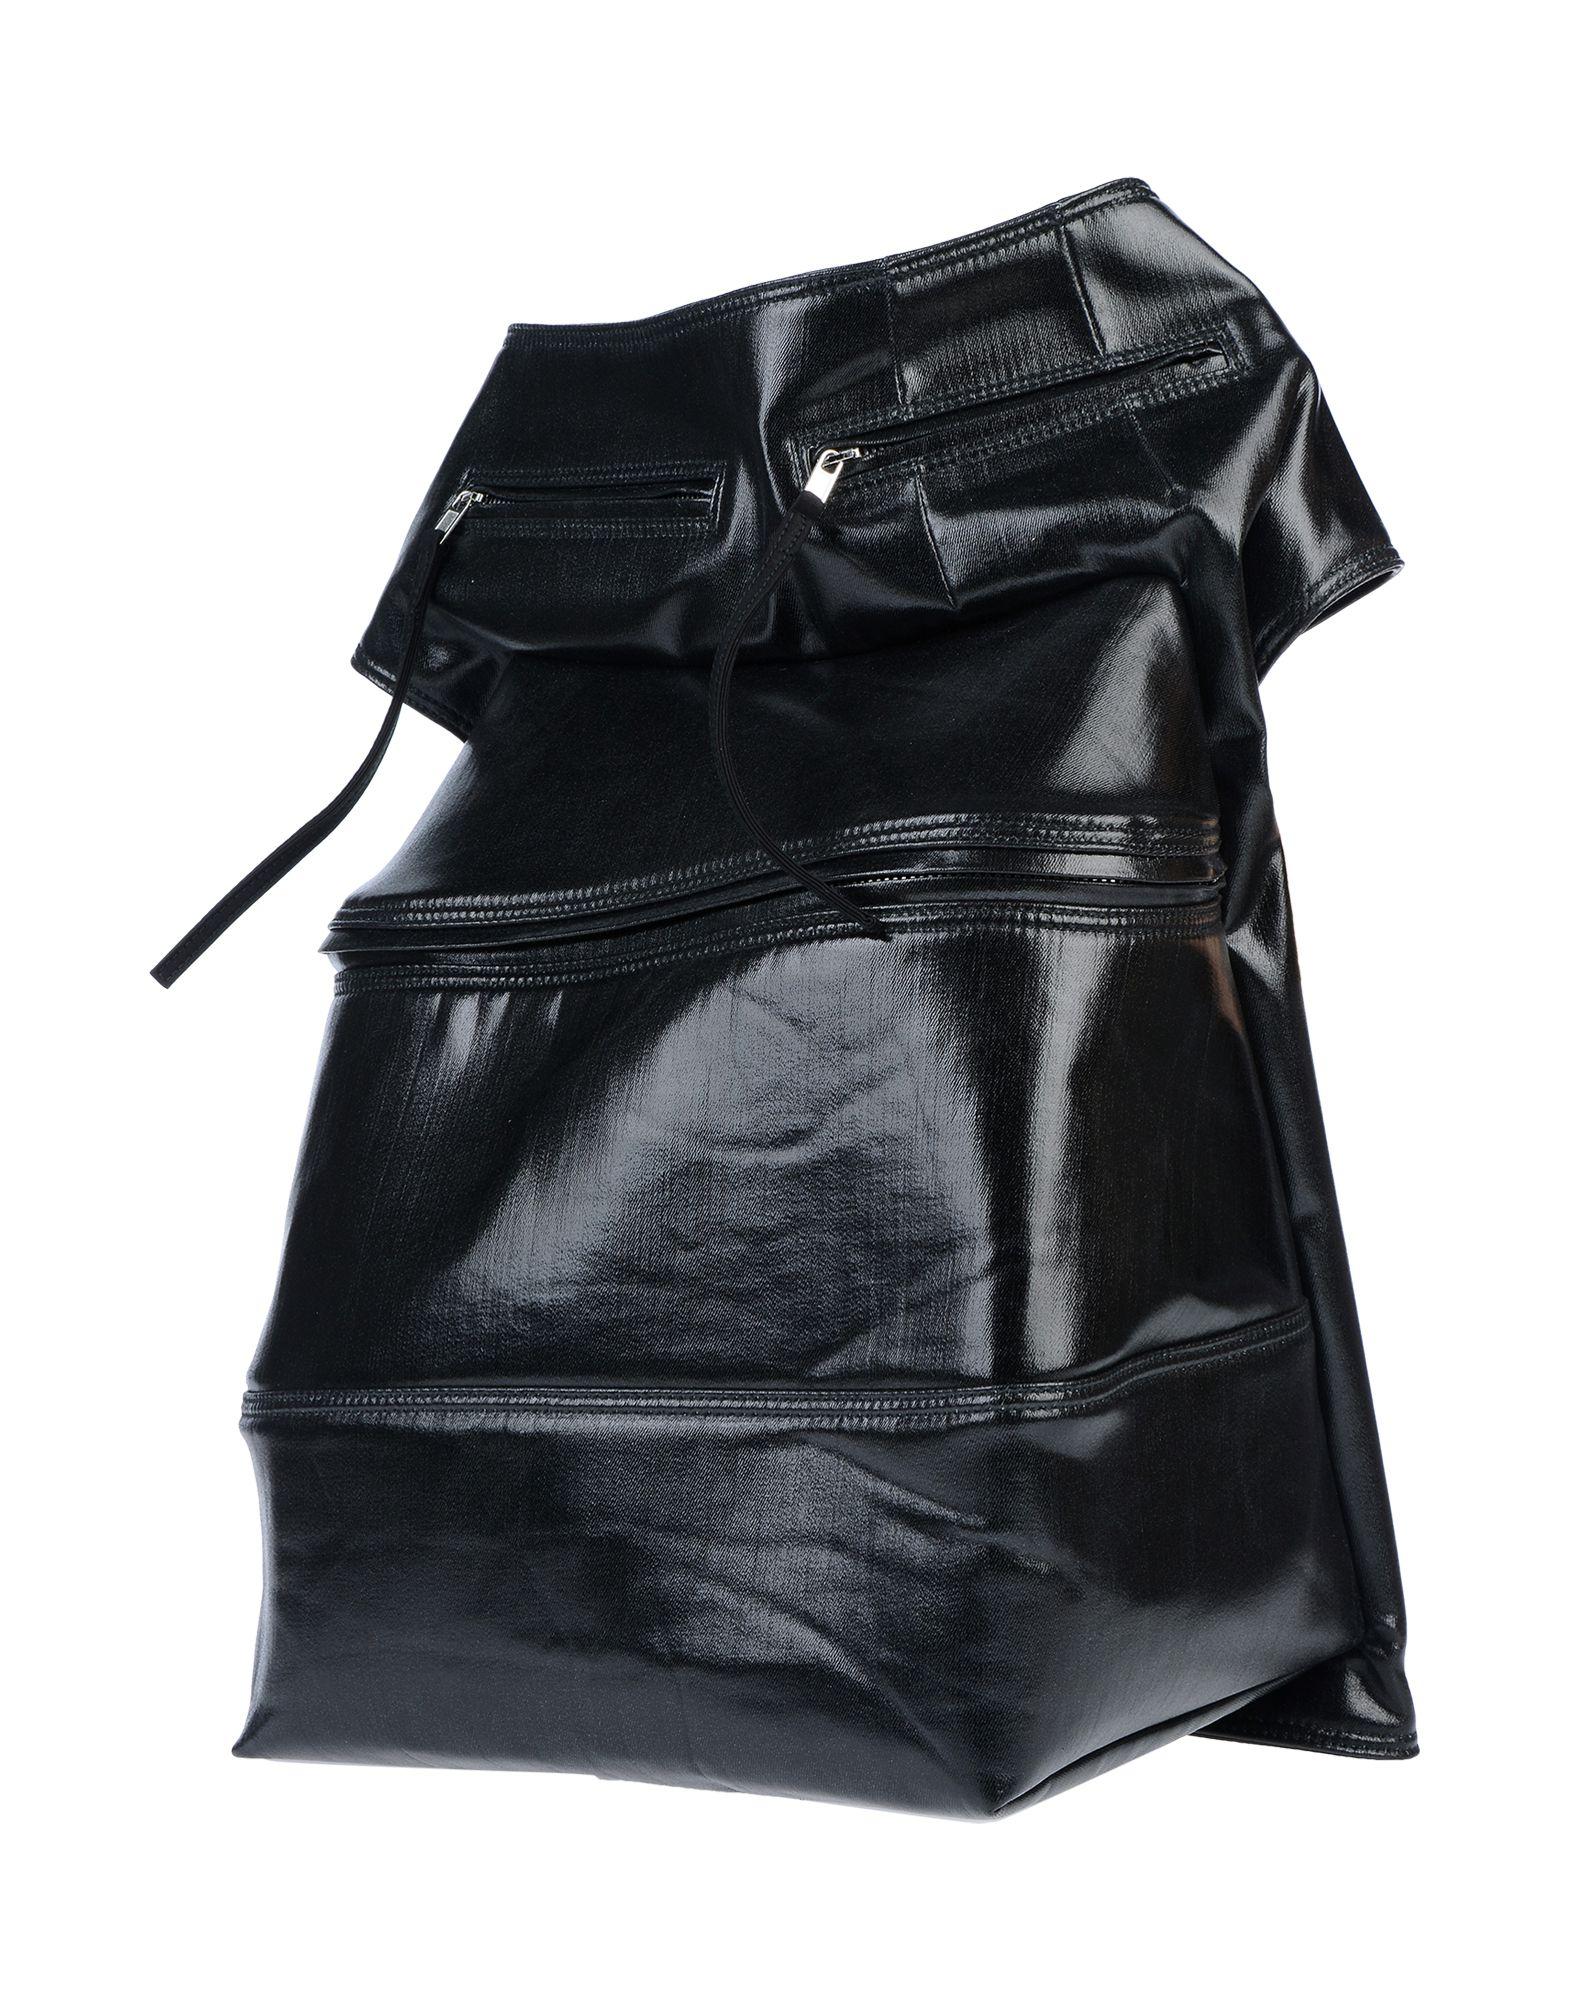 RICK OWENS Рюкзаки и сумки на пояс мужские сумки